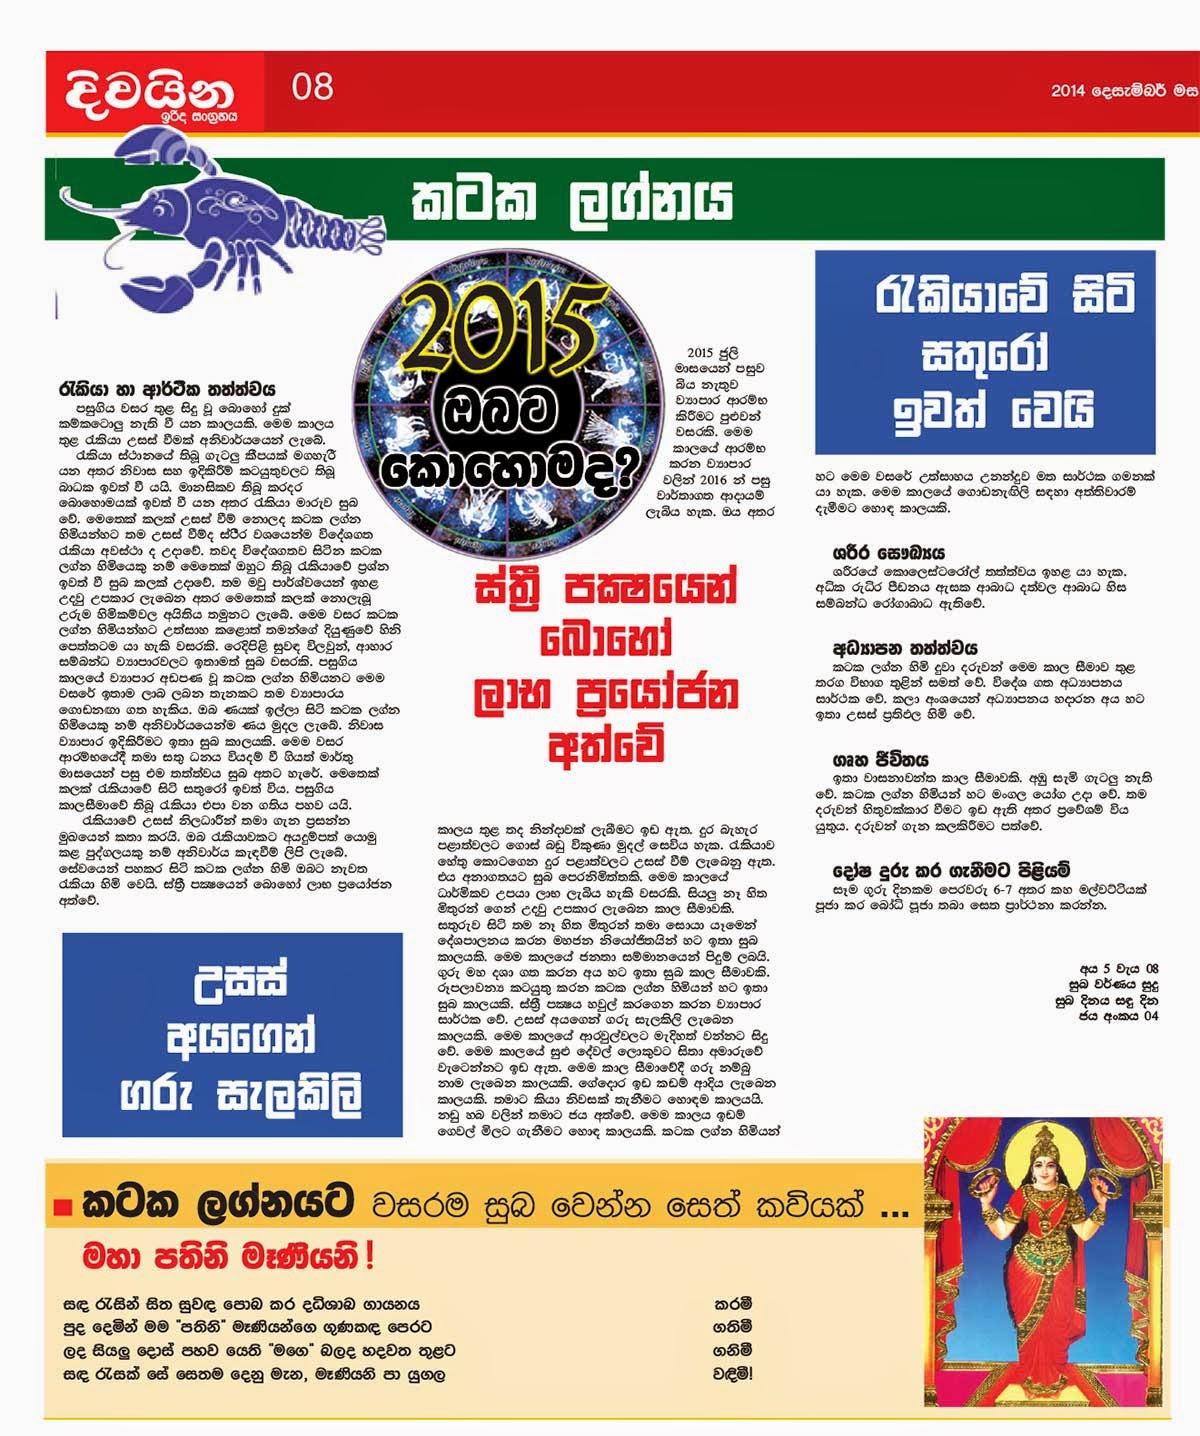 2015 Ada Newspaper Palapala.Sinhala Avurudu Lagna Palapala 2014